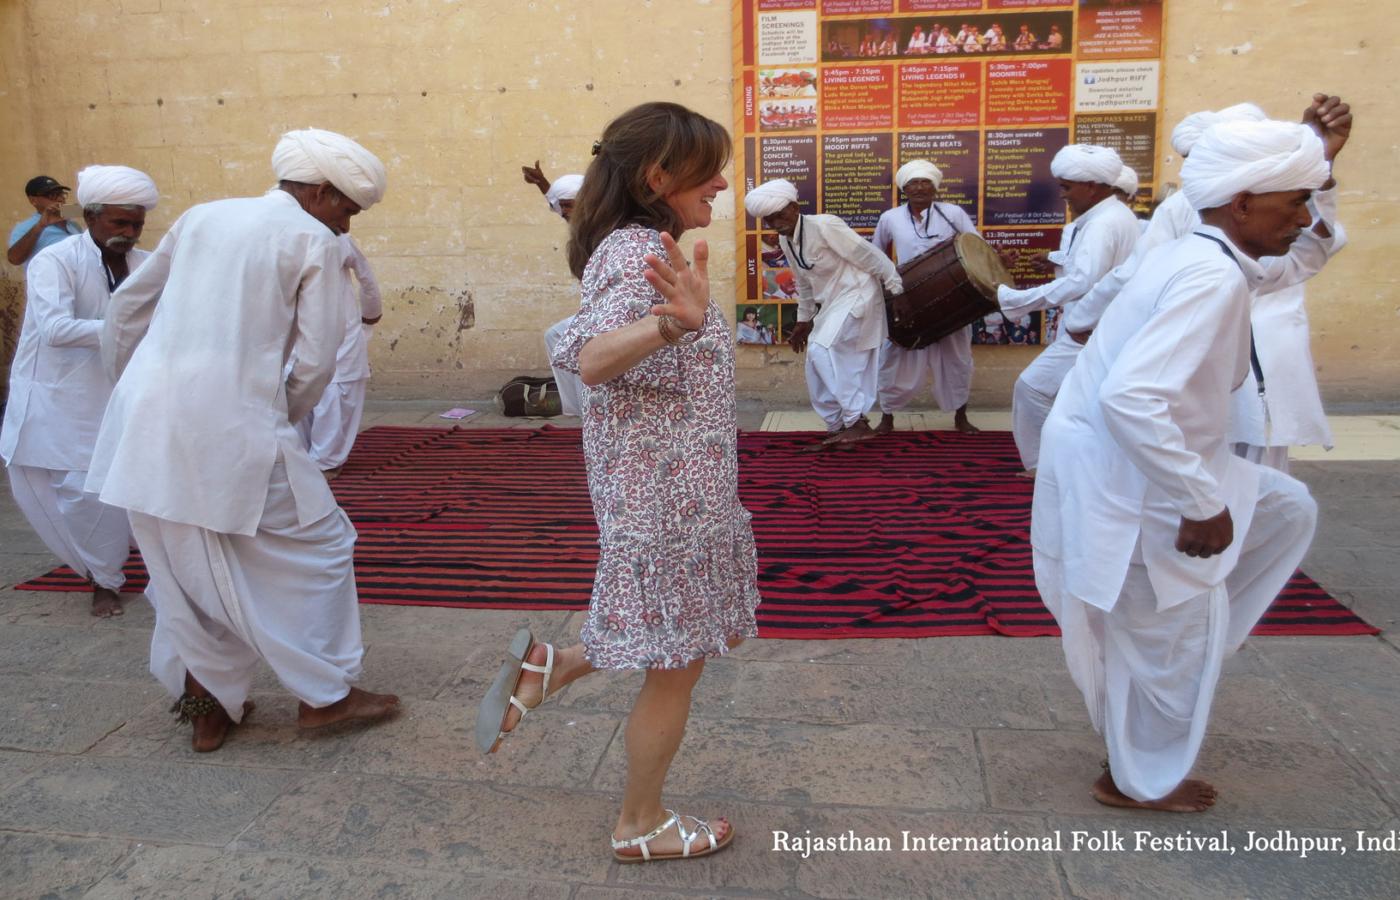 Rajasthan-International-Folk-Festival,-Jodhpur,-India